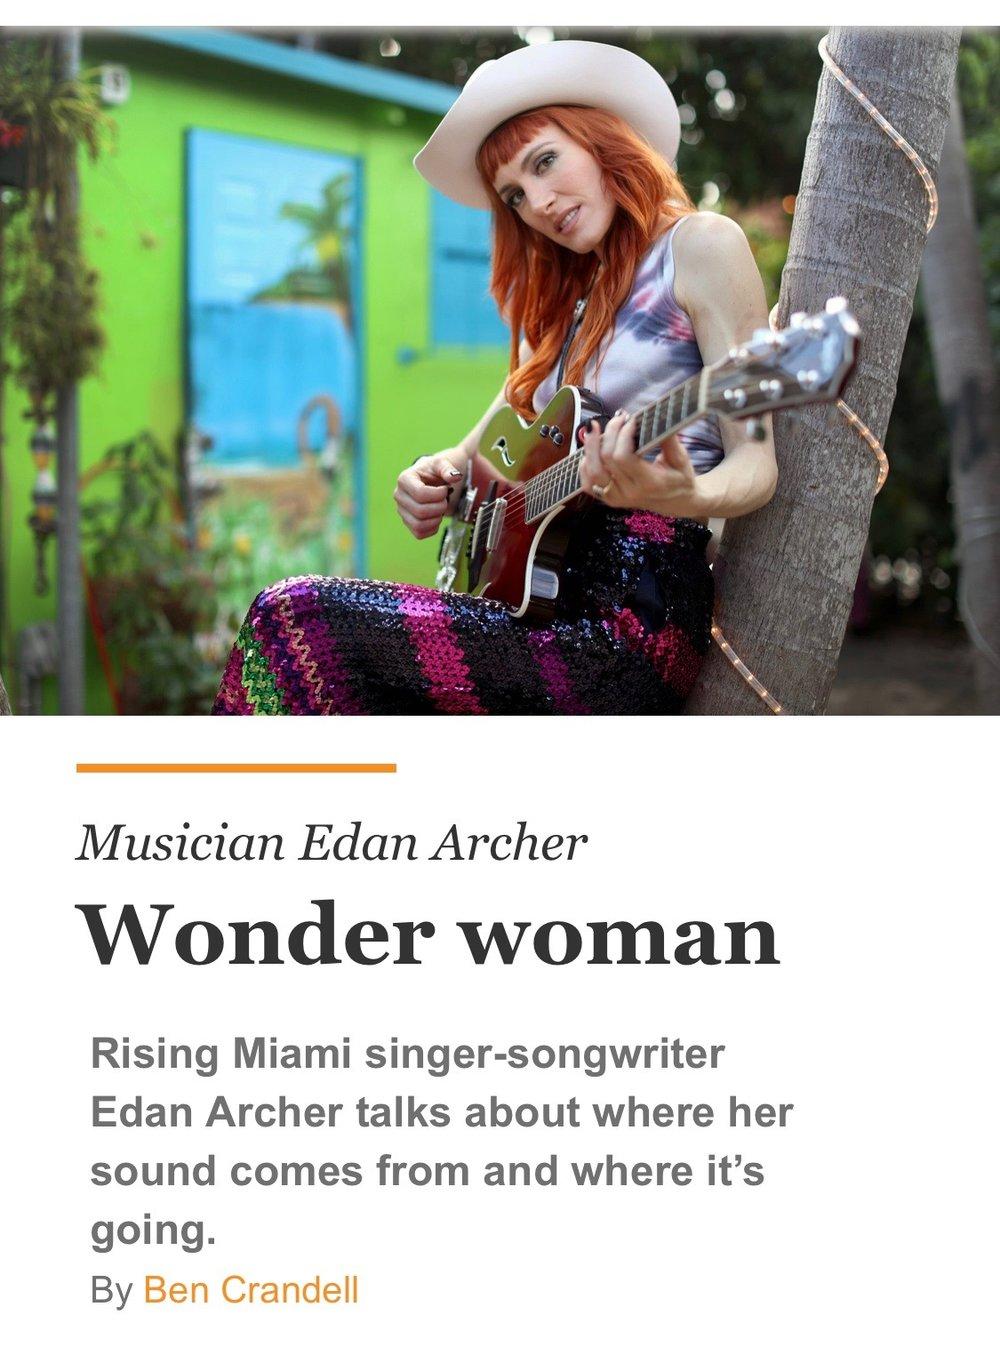 Edan_Archer_WonderWoman.jpg